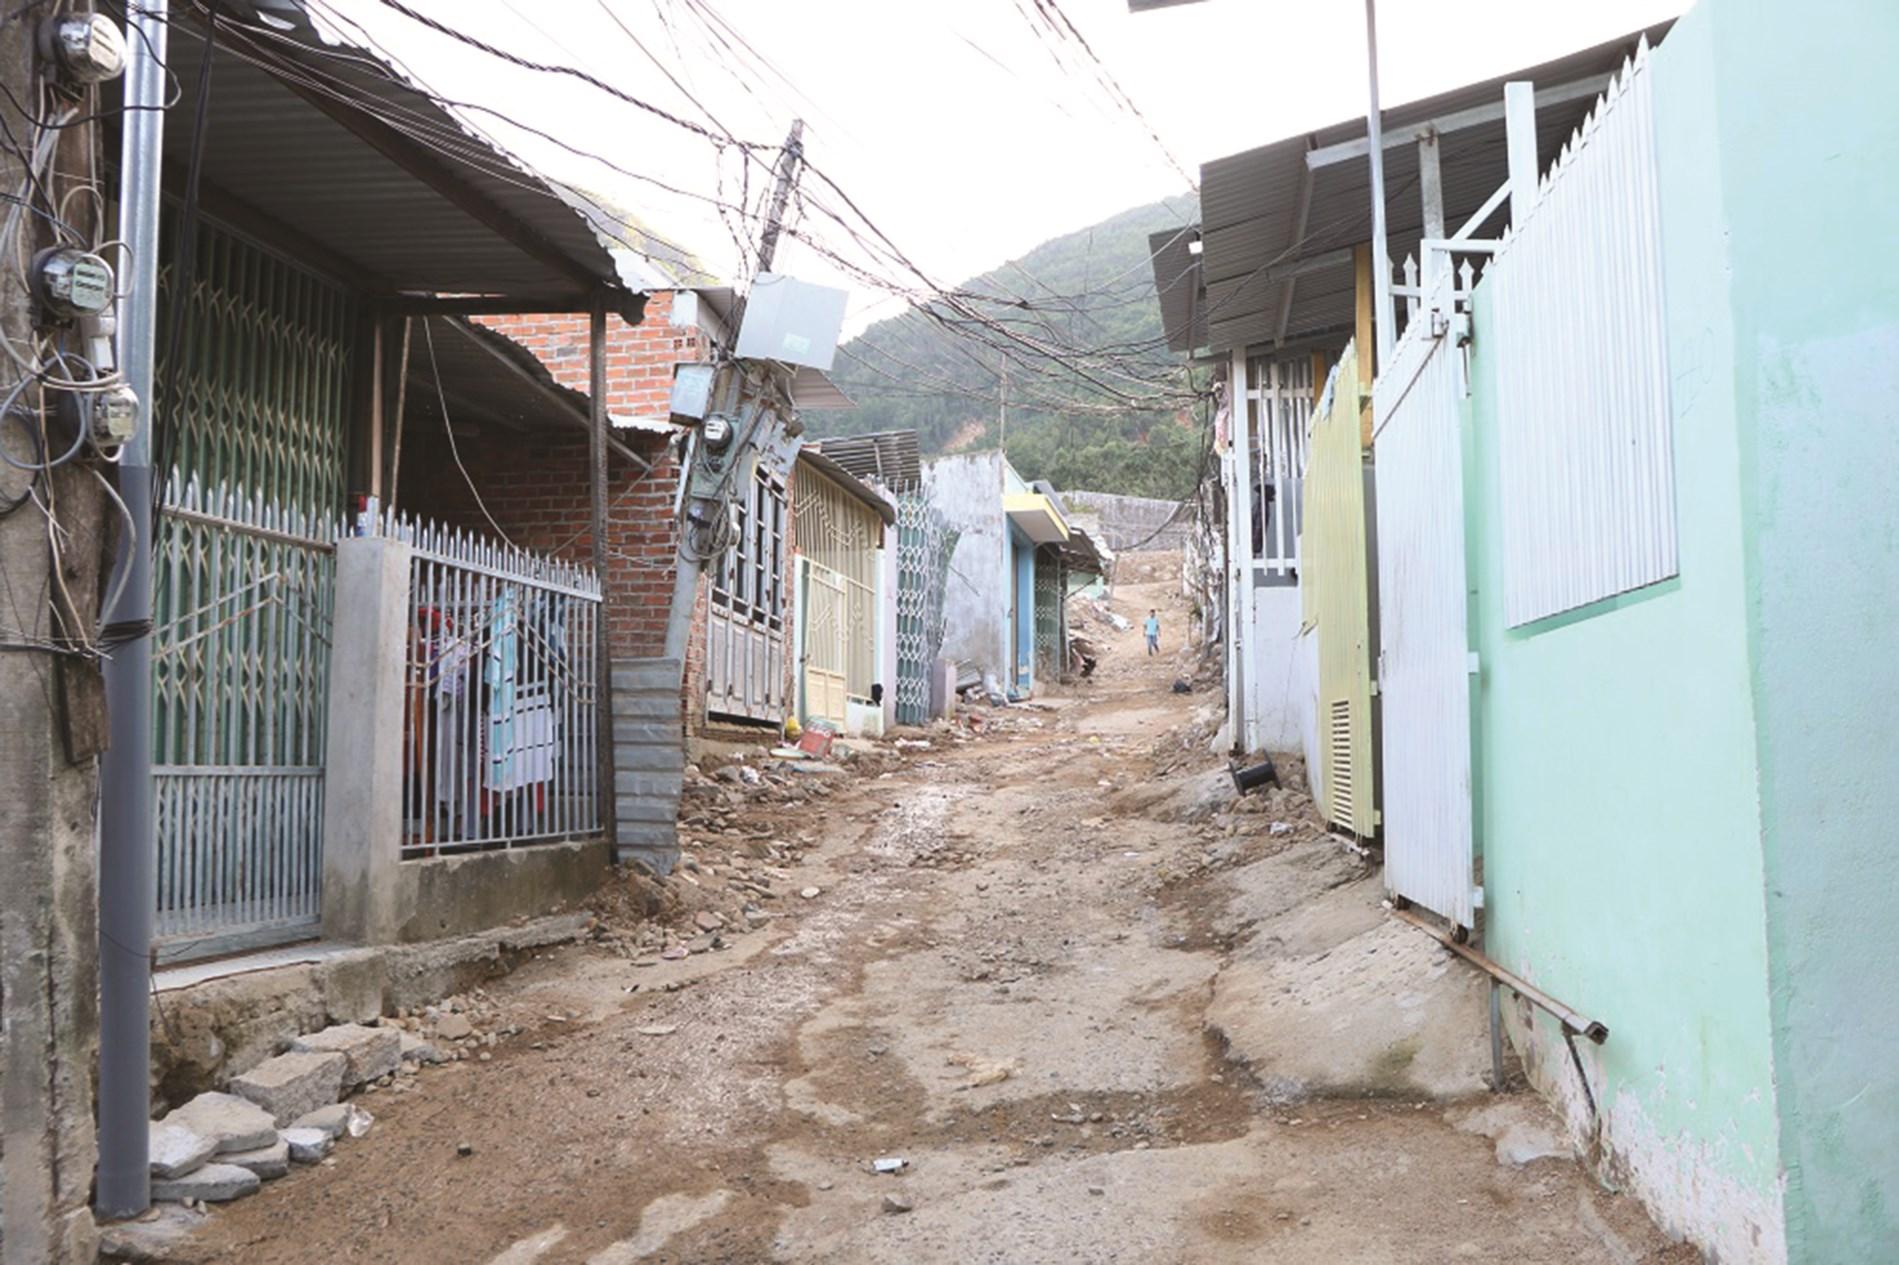 Hàng trăm ngôi nhà ở xóm Núi nằm trong vùng nguy hiểm có thể sạt lở bất cứ lúc nào.